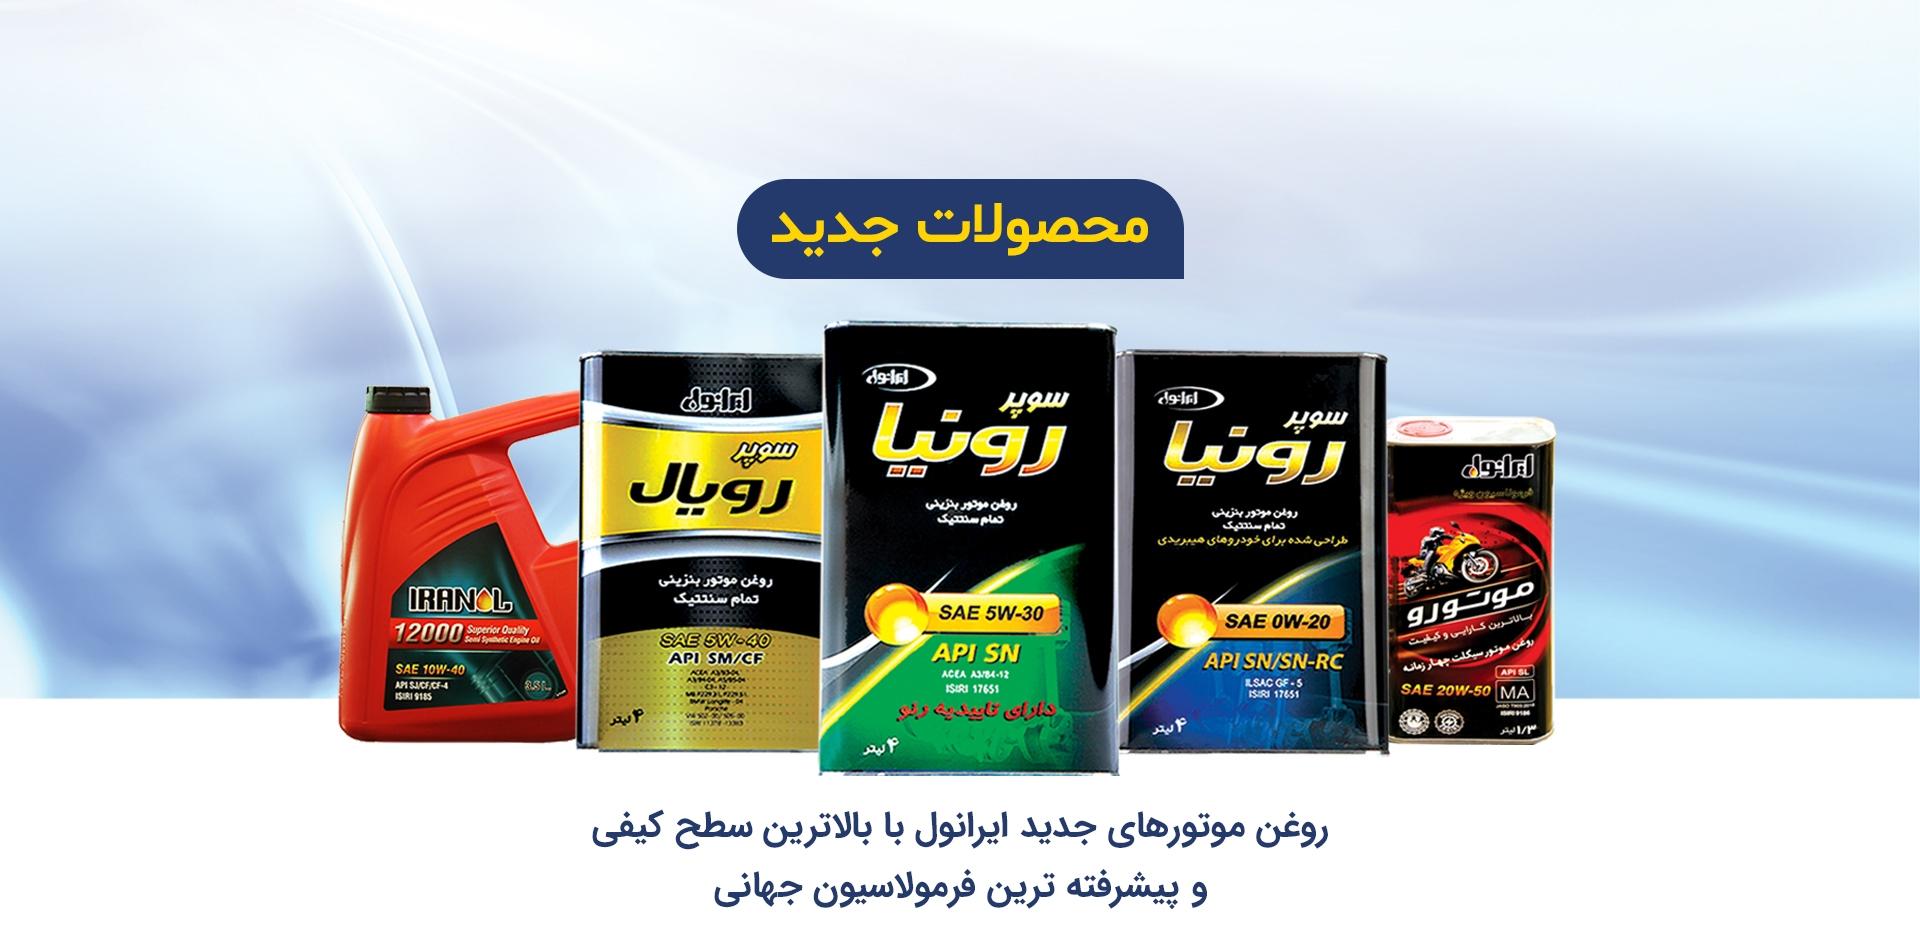 محصولات جدید ایرانول